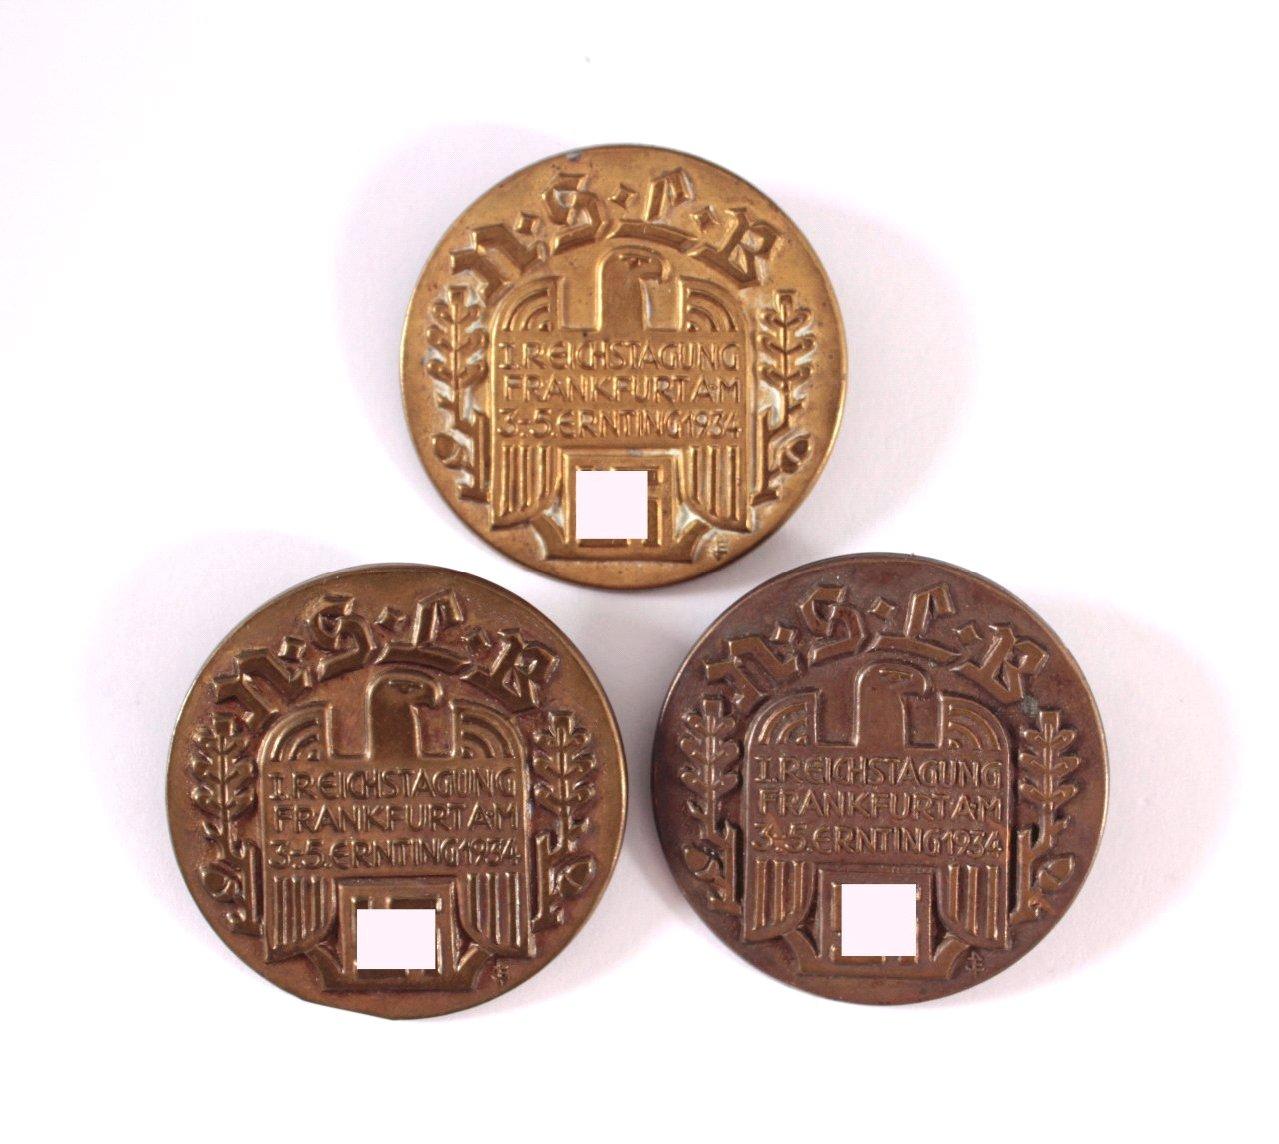 3 Abzeichen 1. NSLB Reichstagung 1934 Frankfurt